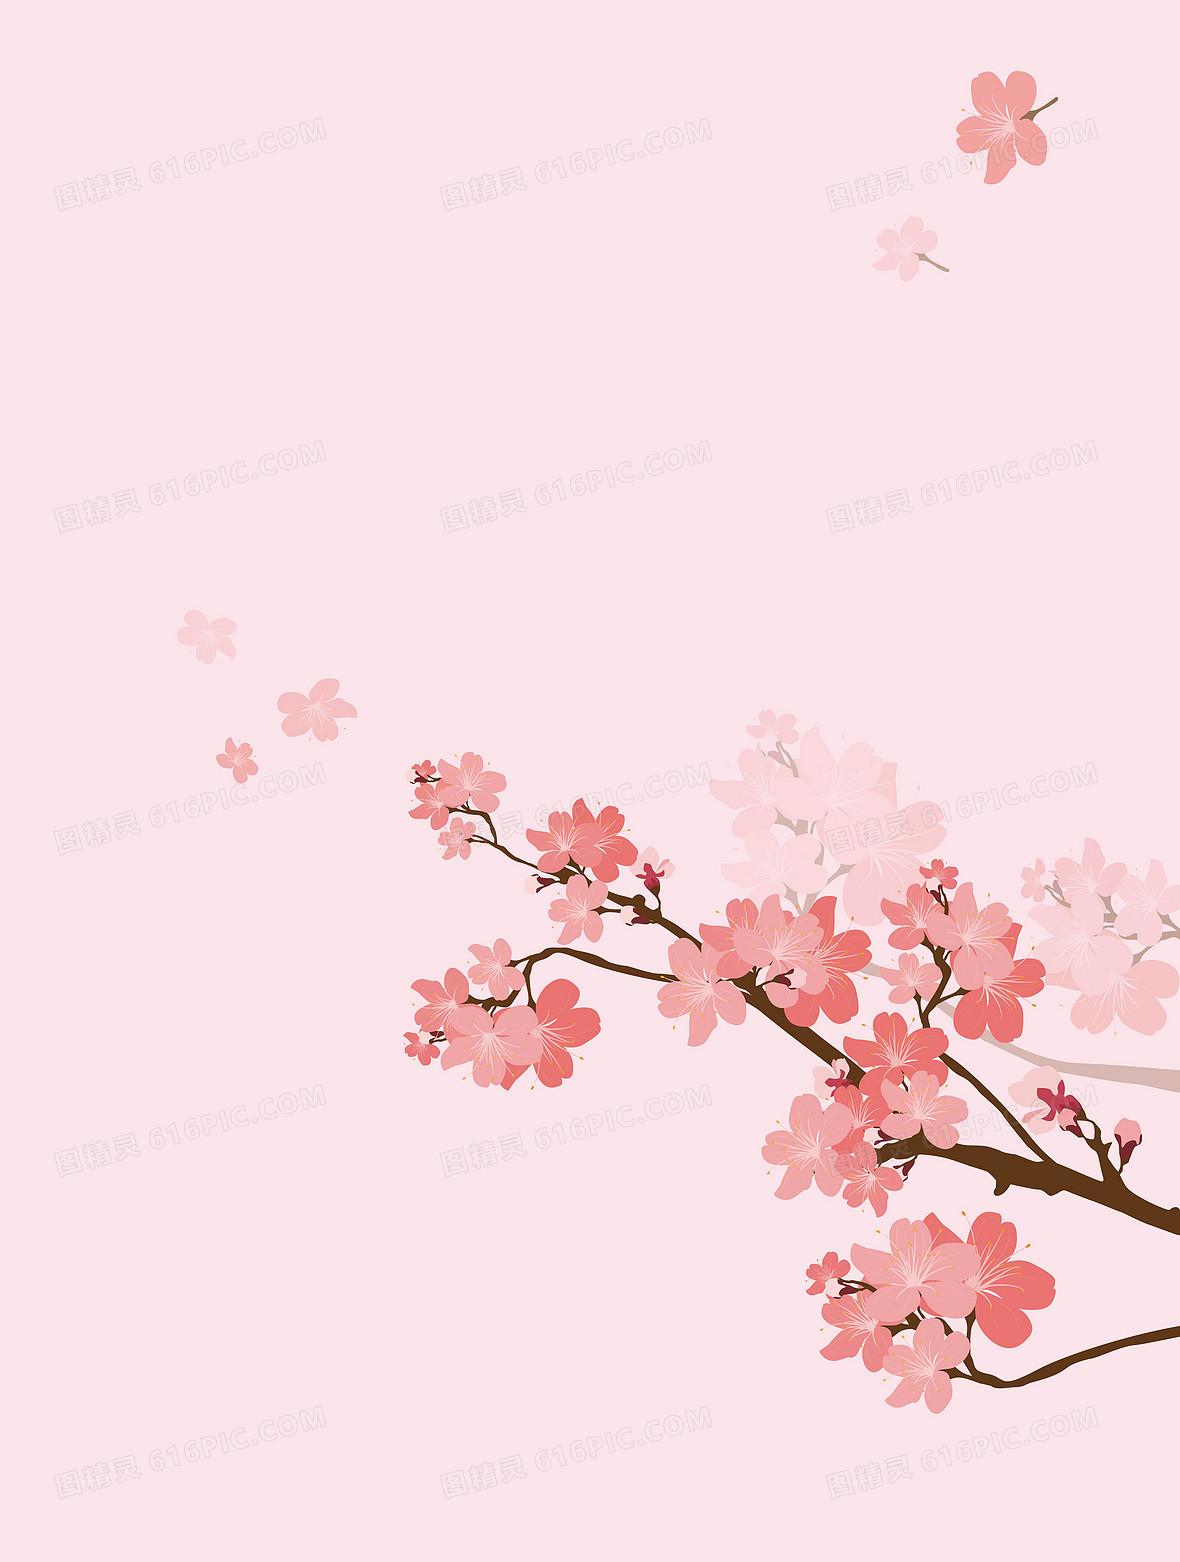 矢量水彩手绘樱花枝条背景